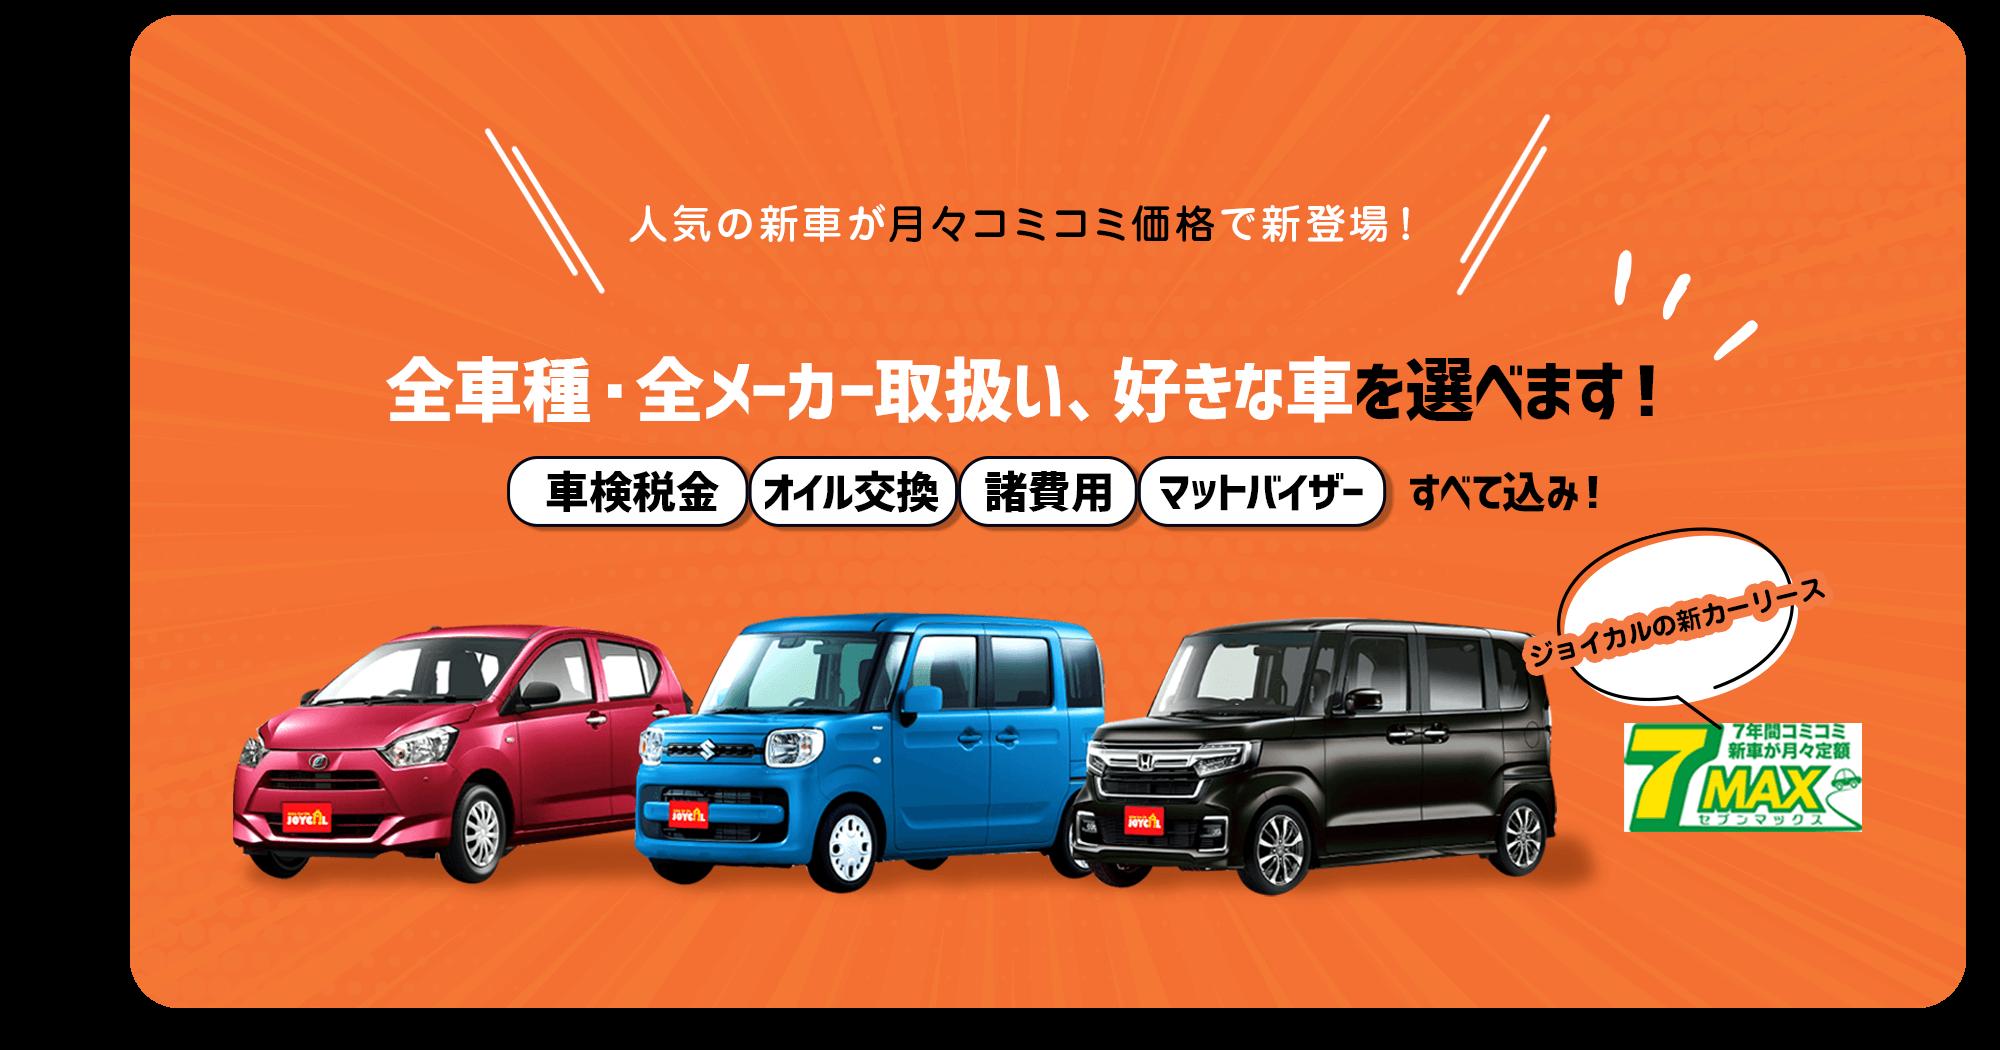 人気の新車が月々コミコミ価格で新登場! 全車種・全メーカー取り扱い、好きな車を選べます! 車検税金 オイル交換 諸費用 マットバイザー すべて込み!ジョイカルの新カーリース 7MAX(セブンマックス)